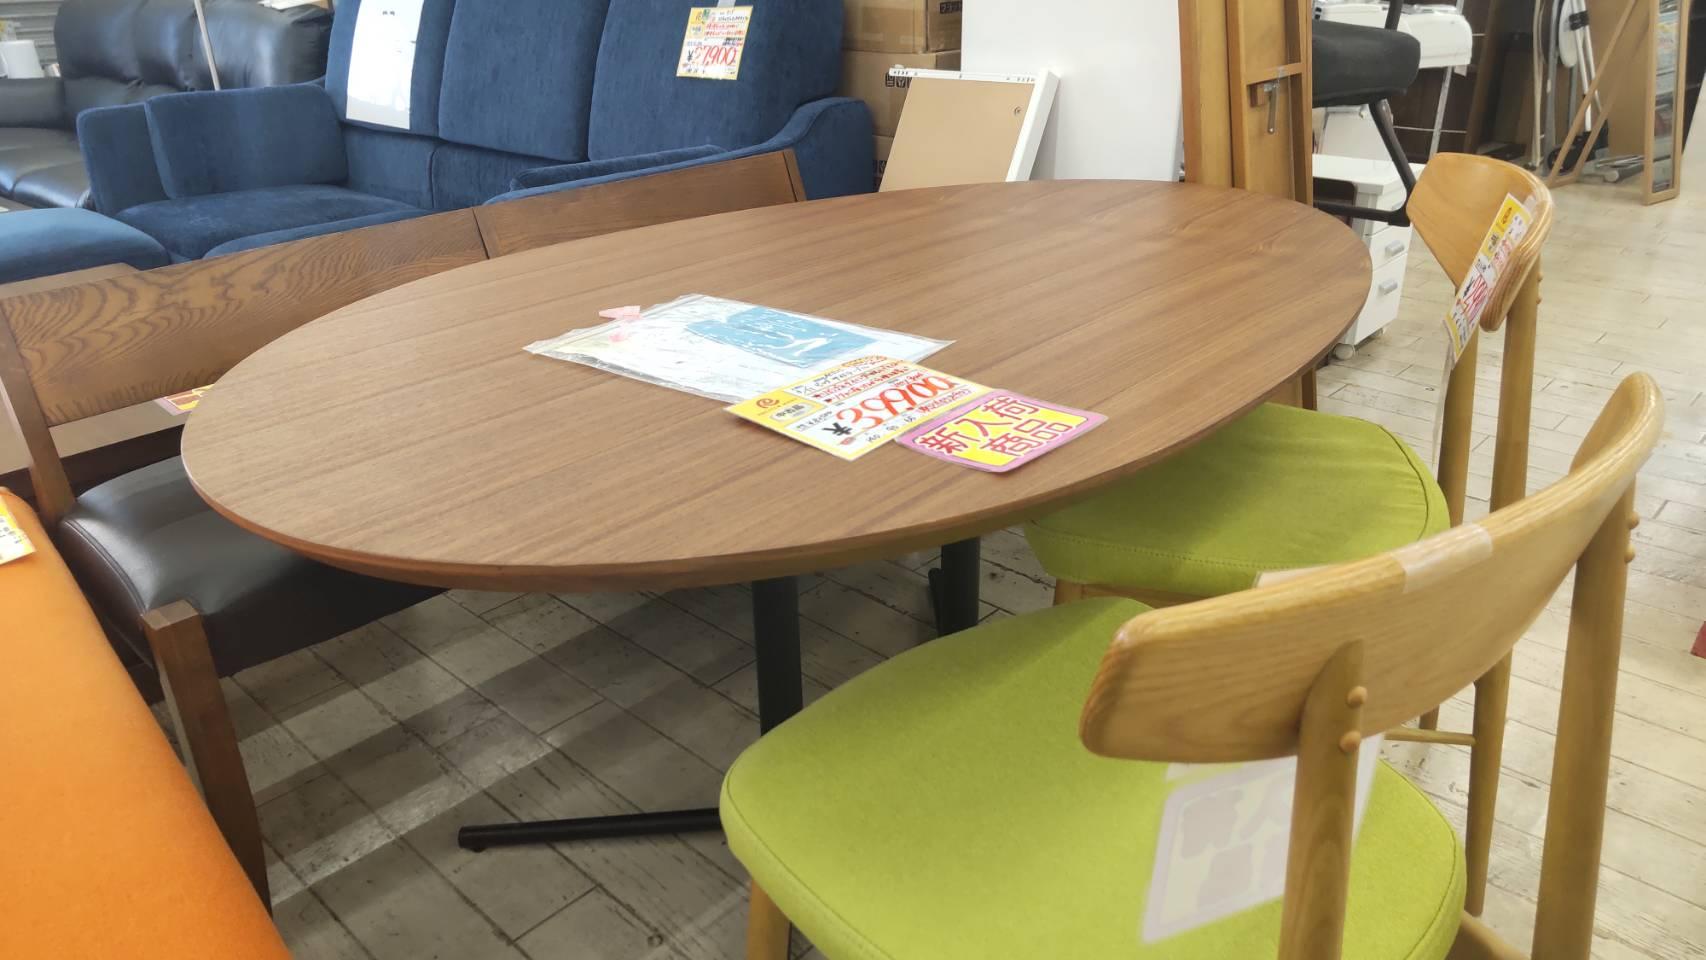 【ACTUS アクタス ビッグサイドテーブル OWNシリーズ 幅140cm×奥行90cm高さ65cm】を買取させて頂きました!の買取-